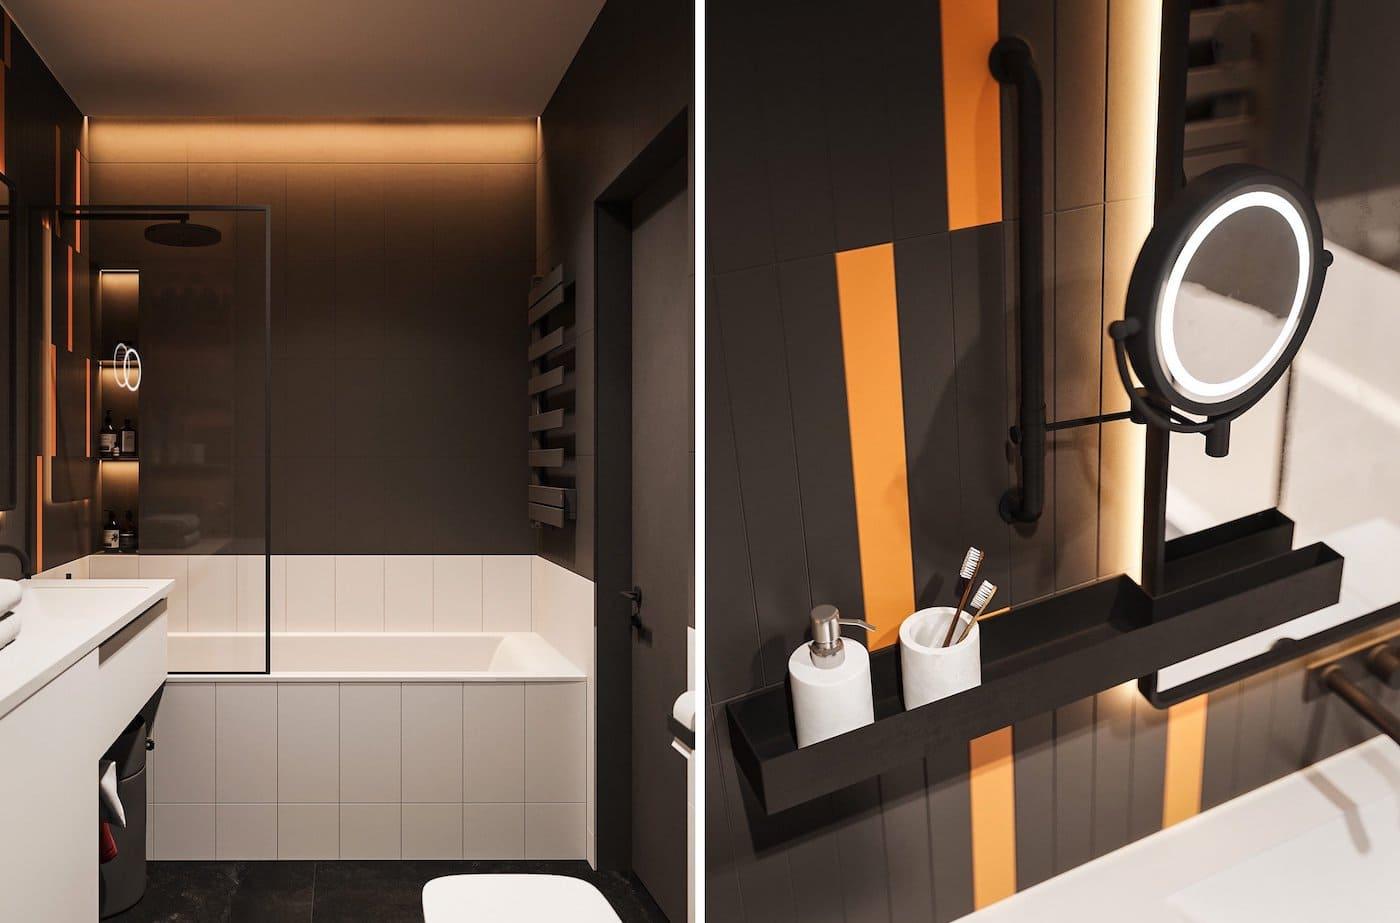 дизайн интерьера ванной комнаты фото 43